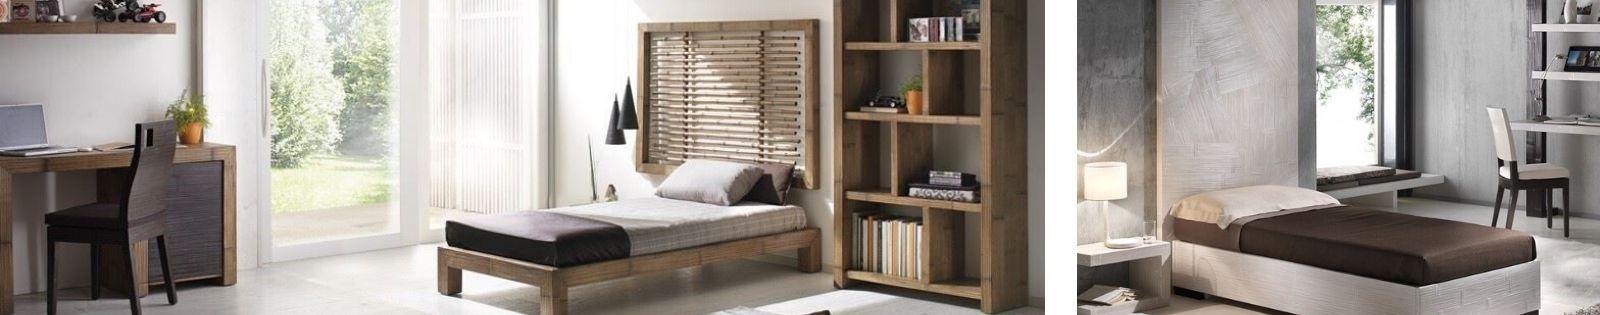 Lits pour enfants : meubles haut de gamme de qualité. Le Monde du Lit